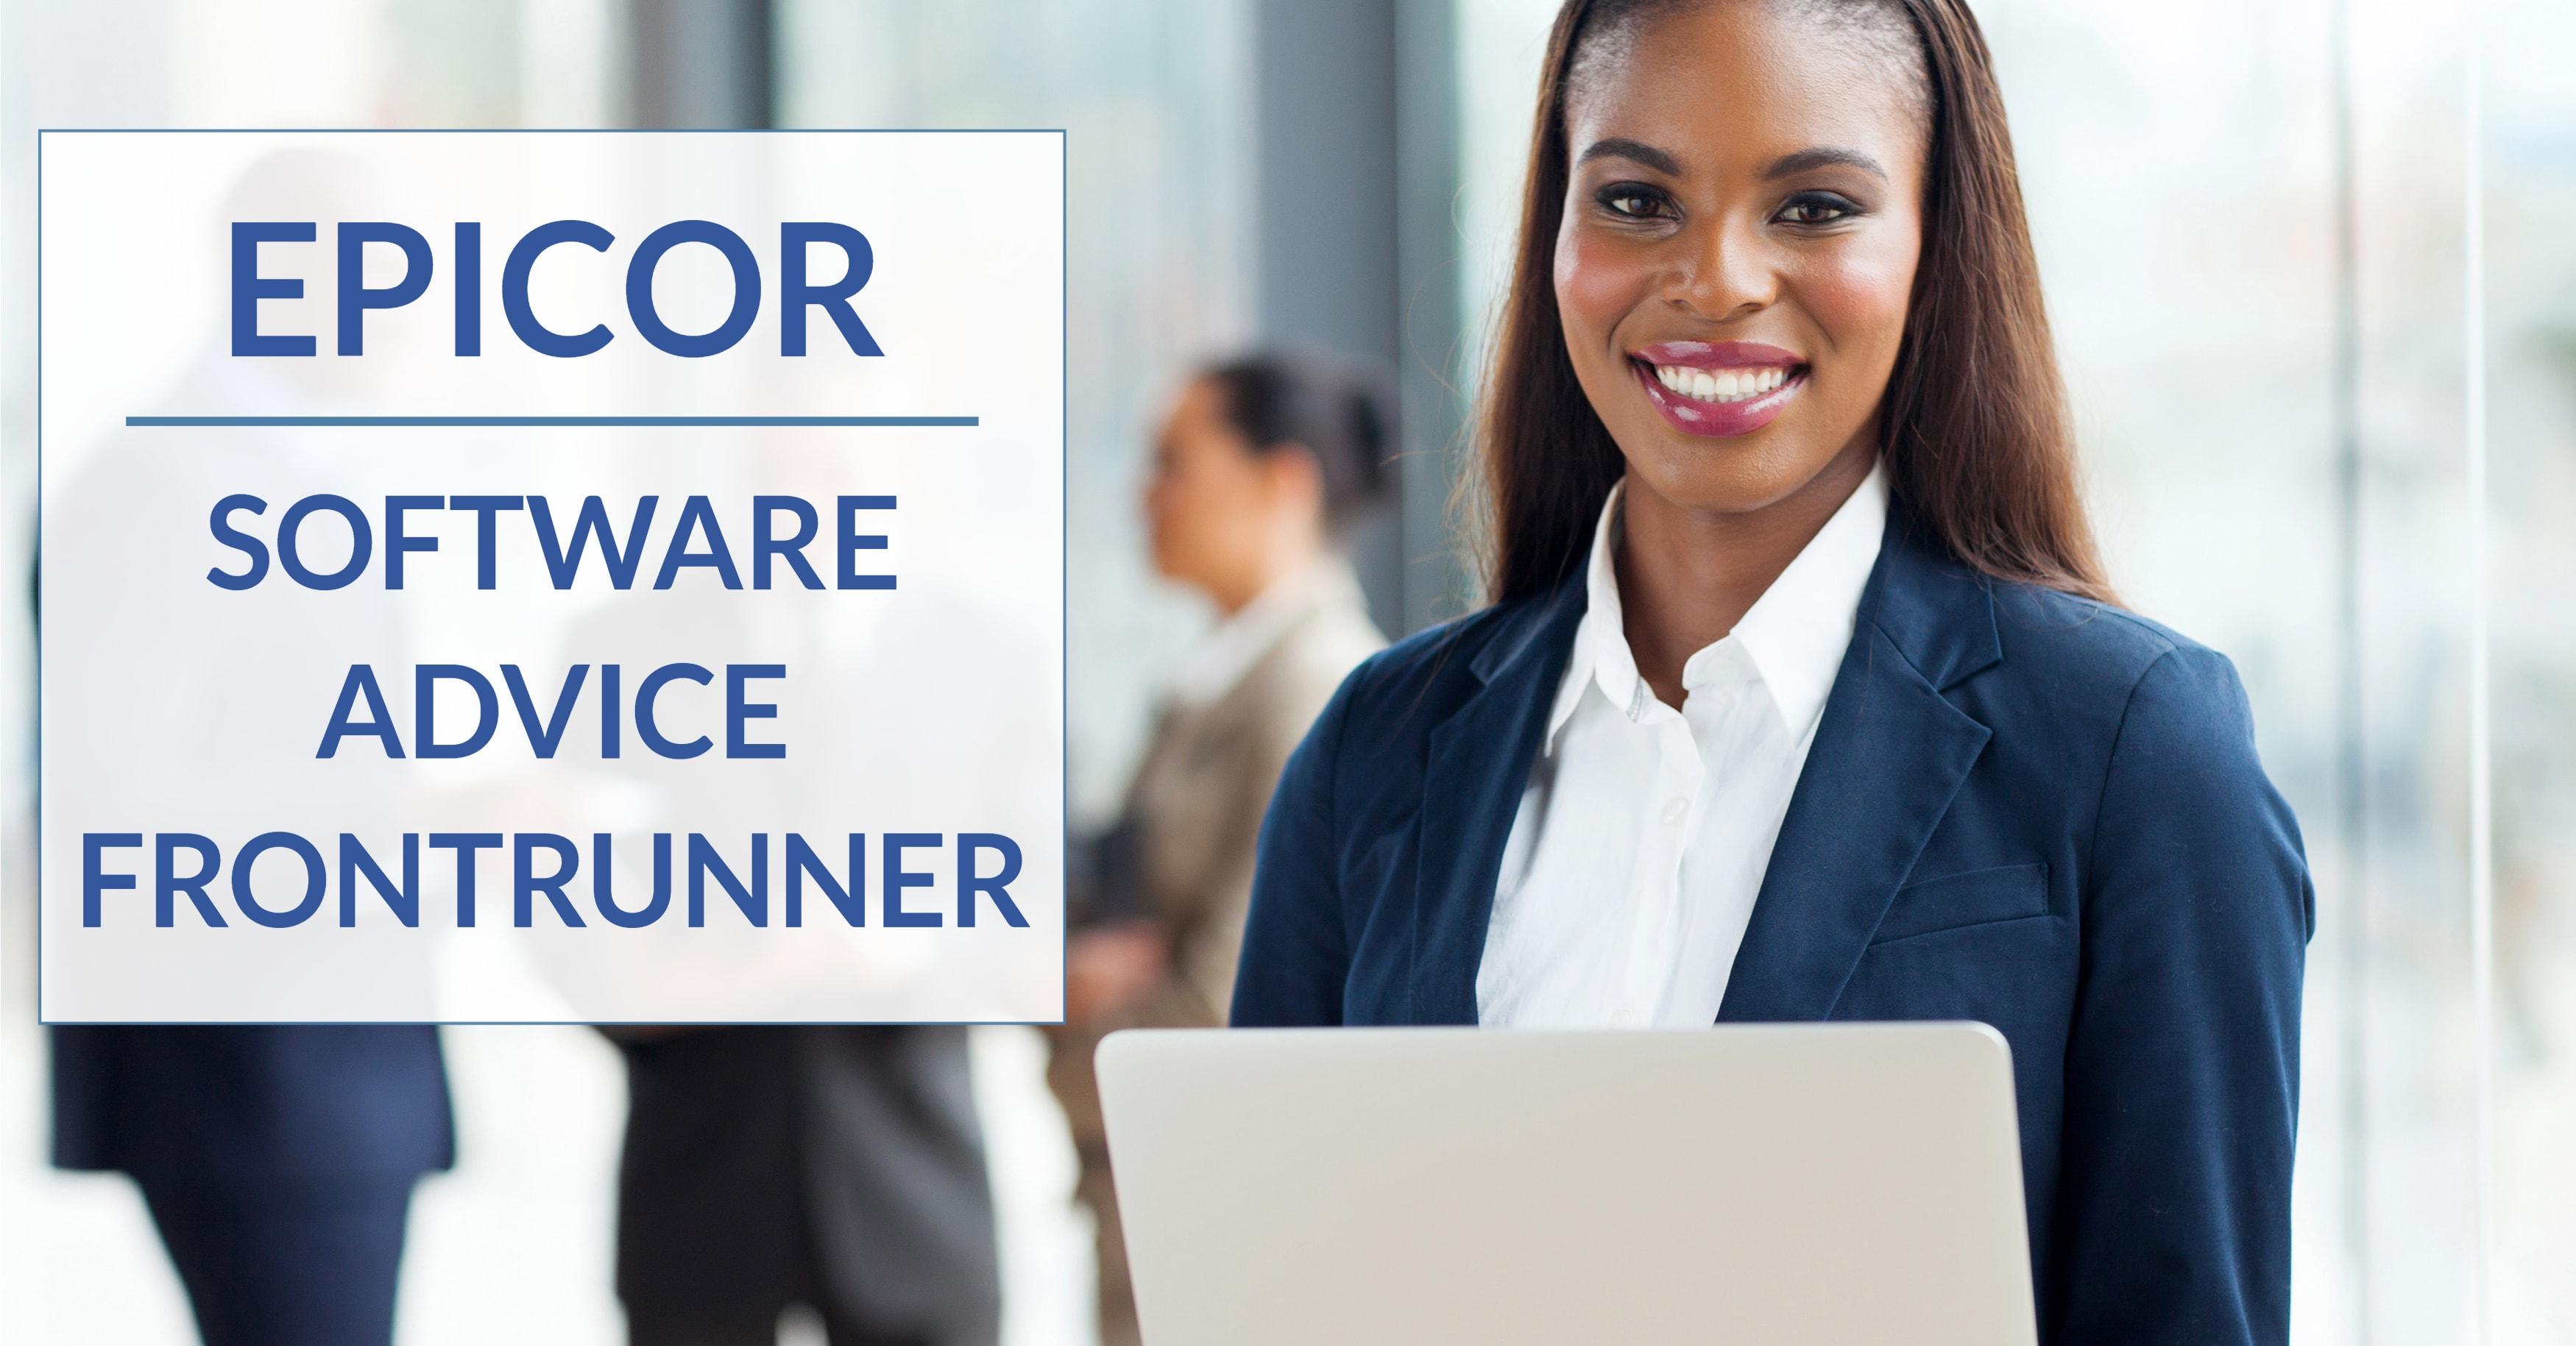 Epicor ERP Frontrunner